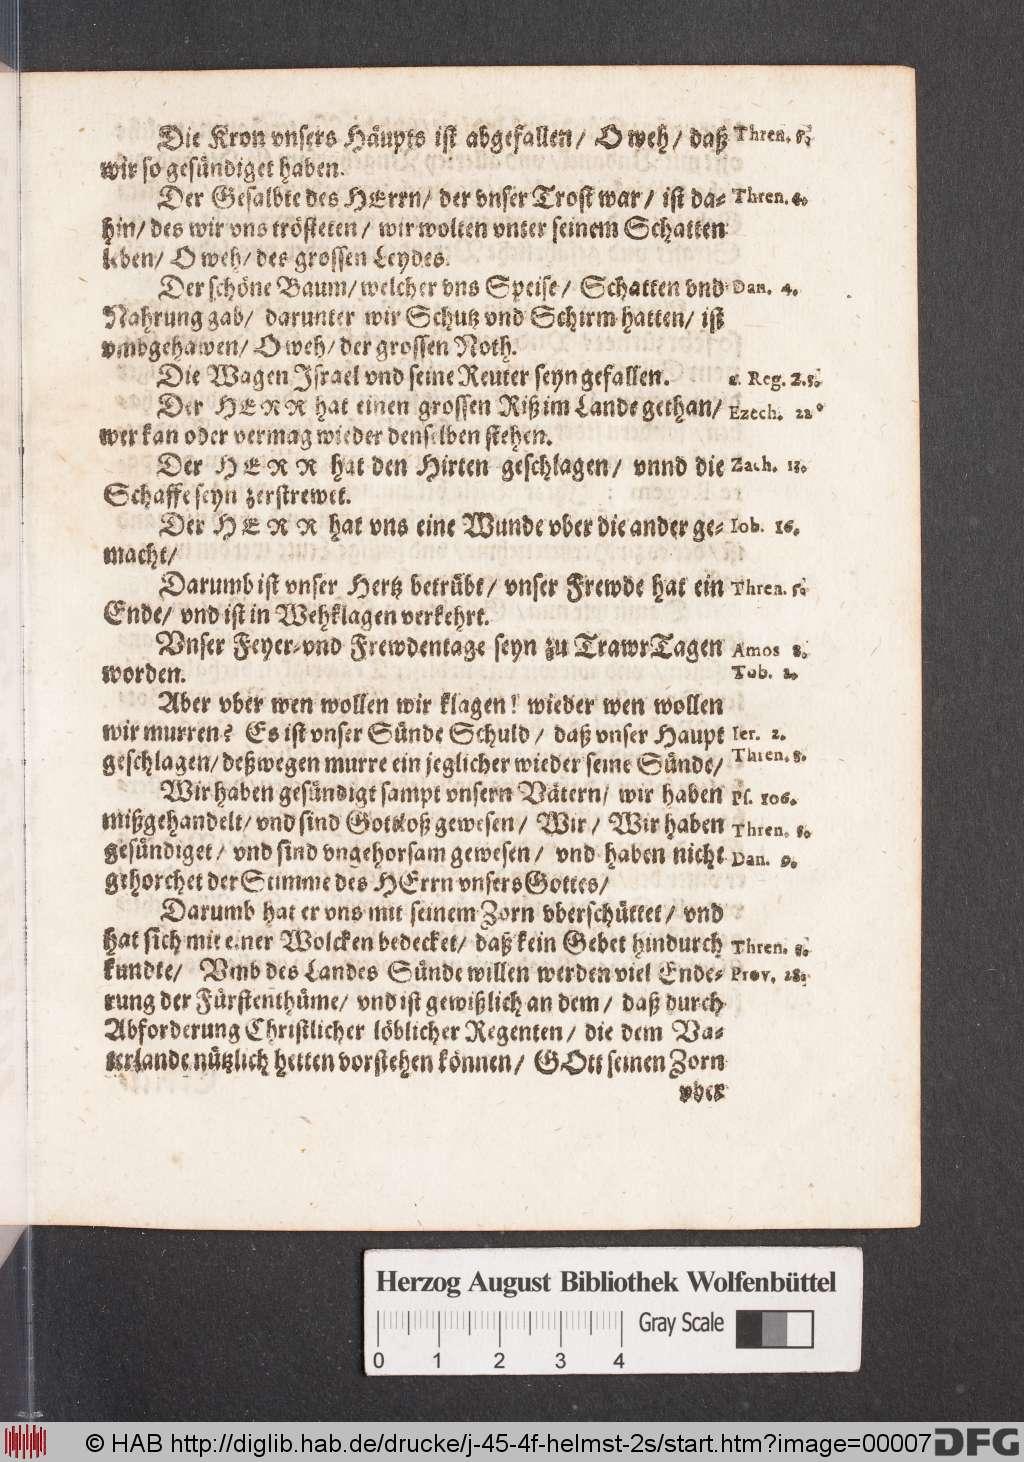 http://diglib.hab.de/drucke/j-45-4f-helmst-2s/00007.jpg